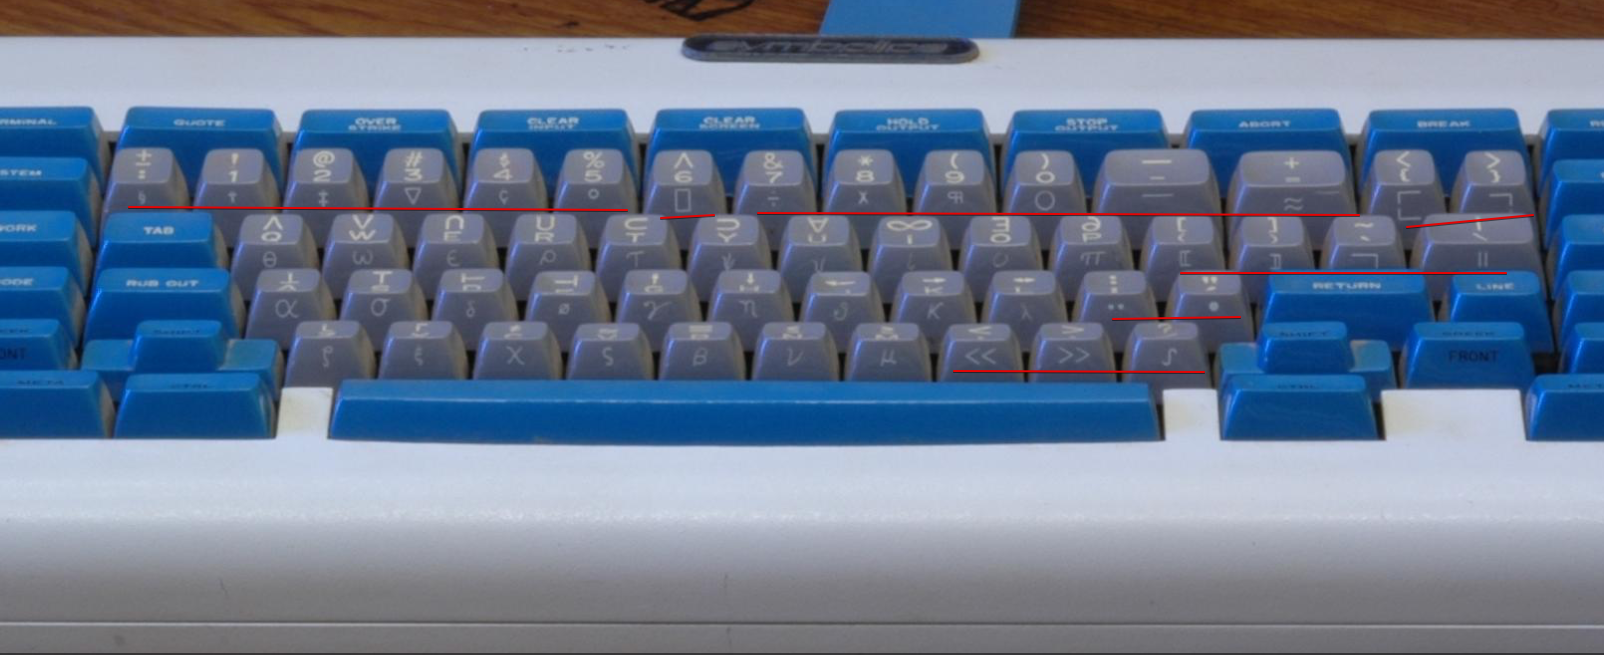 symbolics-keyboard-front-printing.png